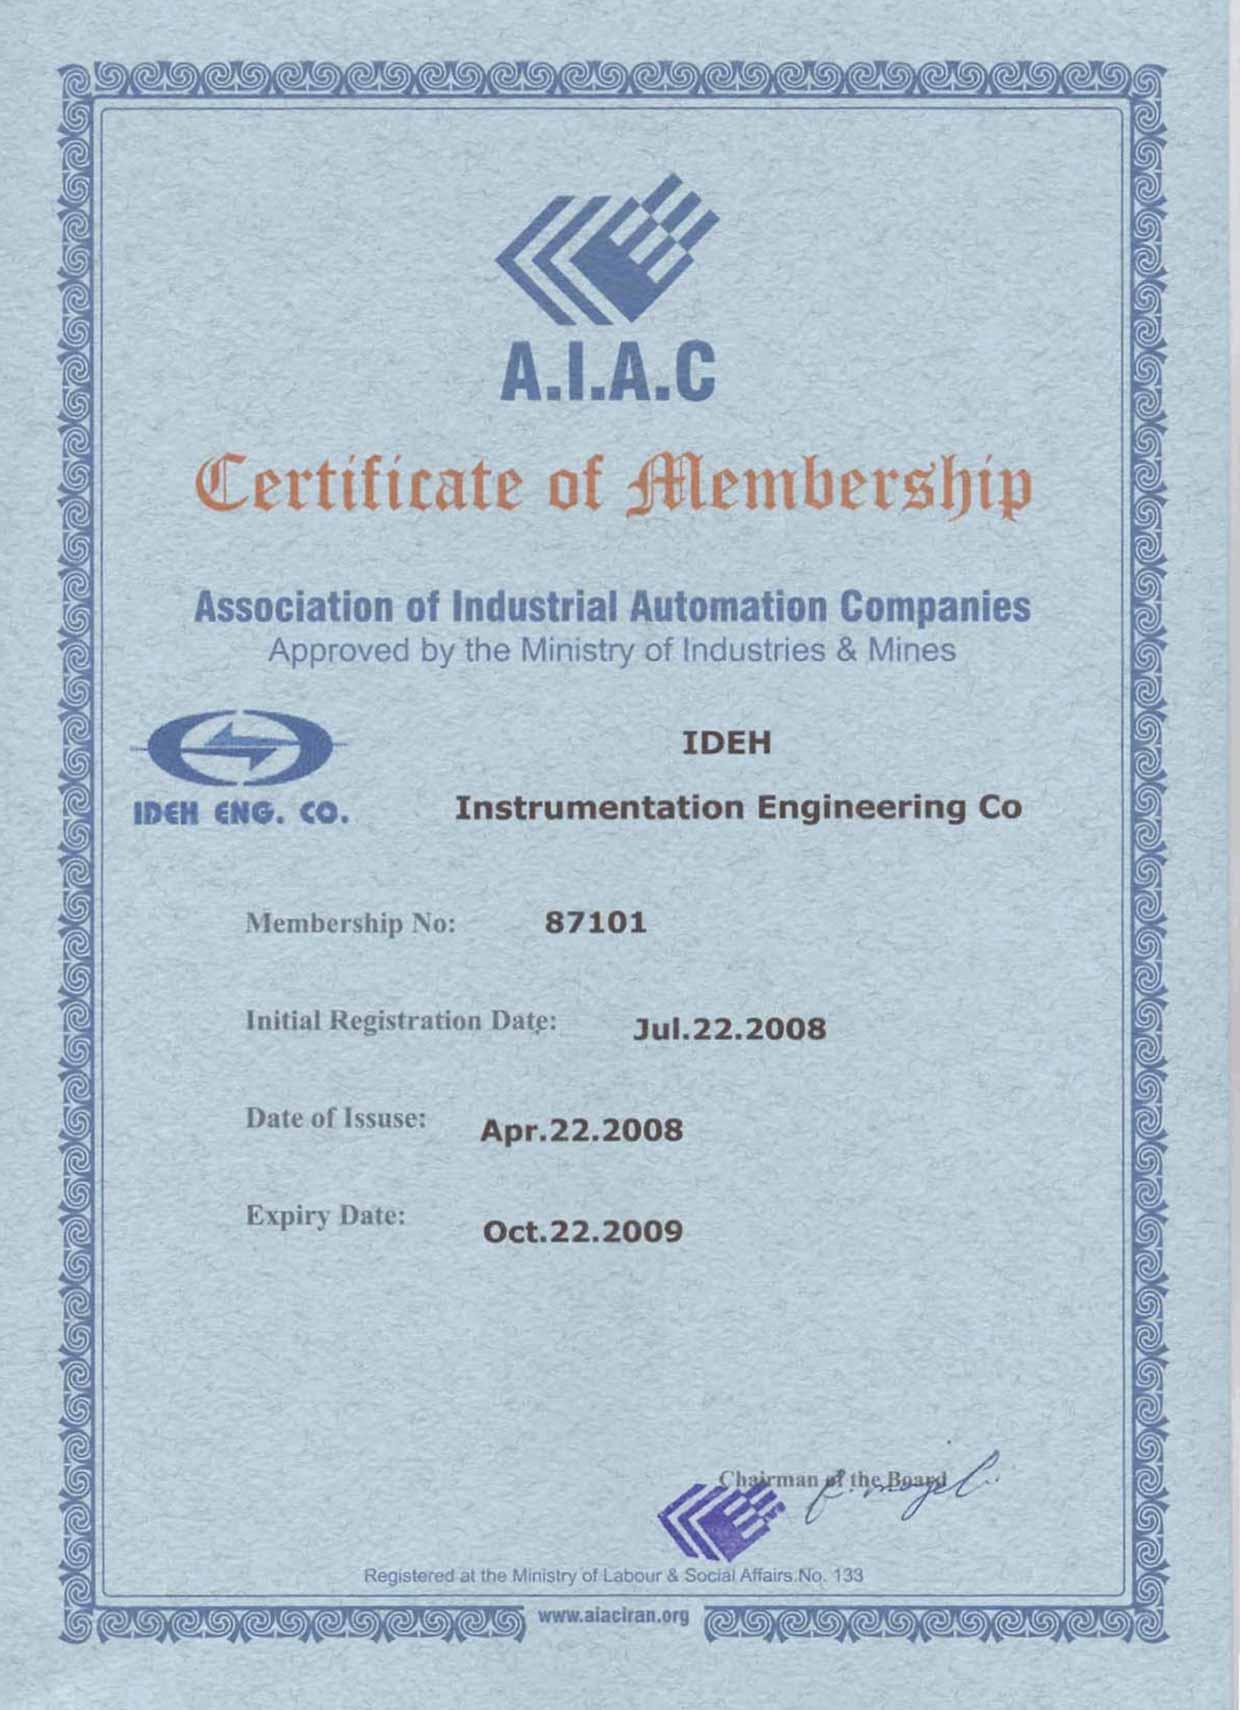 گواهی عضویت انجمن صنعتی اتوماسیون صنعتی انگلیسی